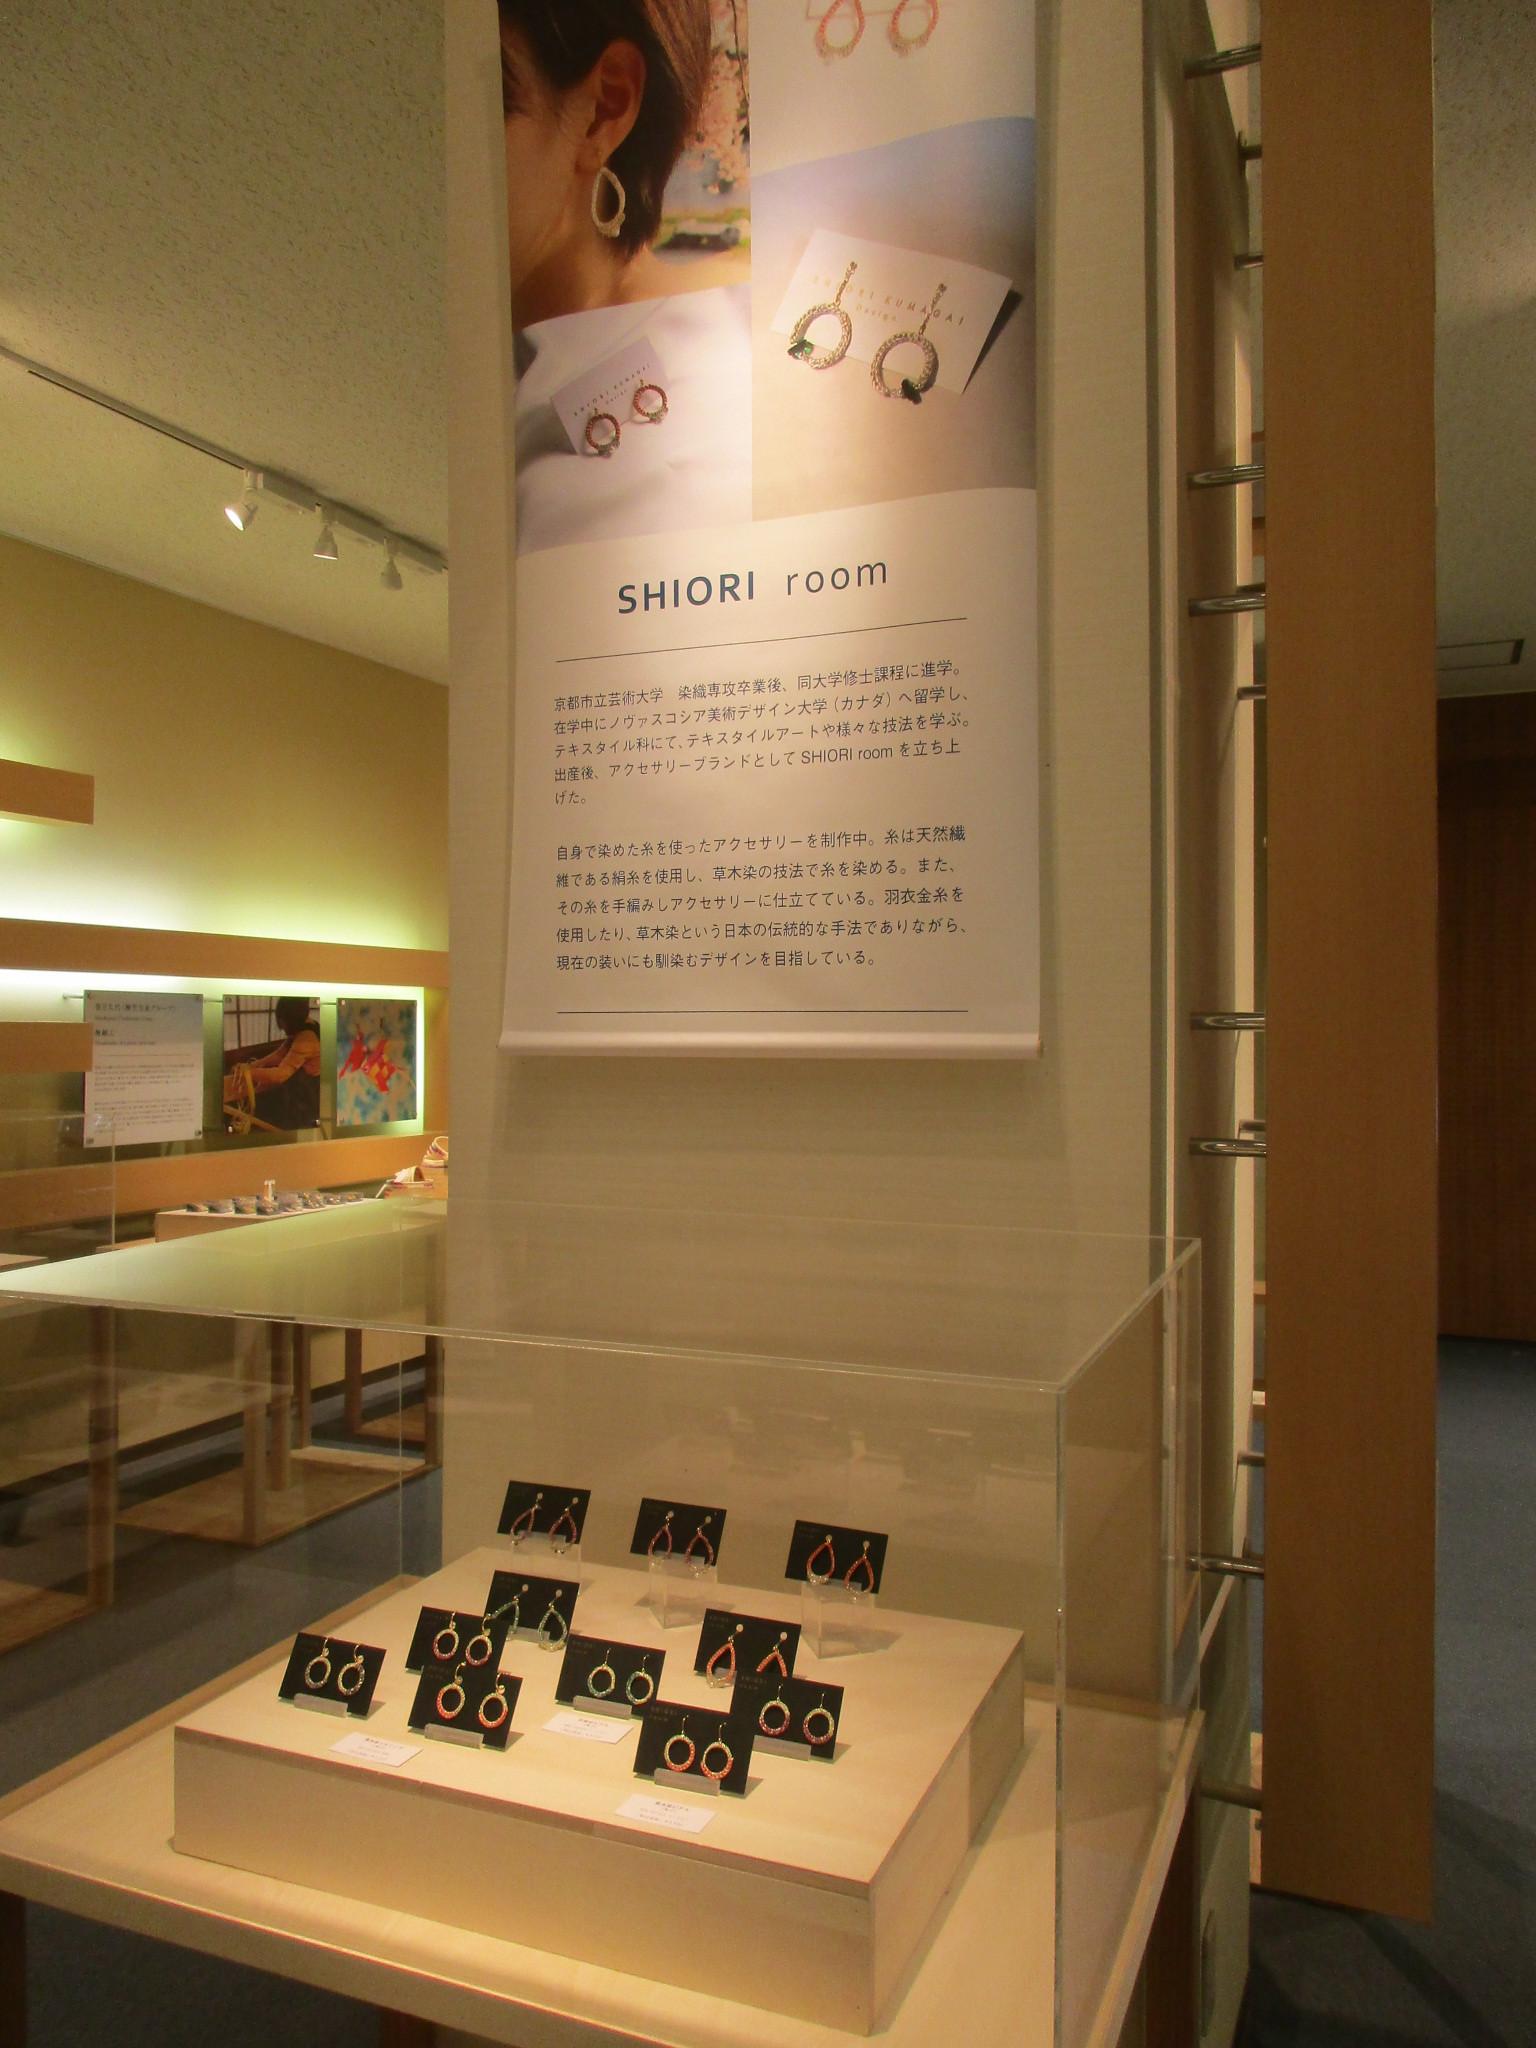 石川県立伝統産業工芸館での展示が終了致しました☺︎